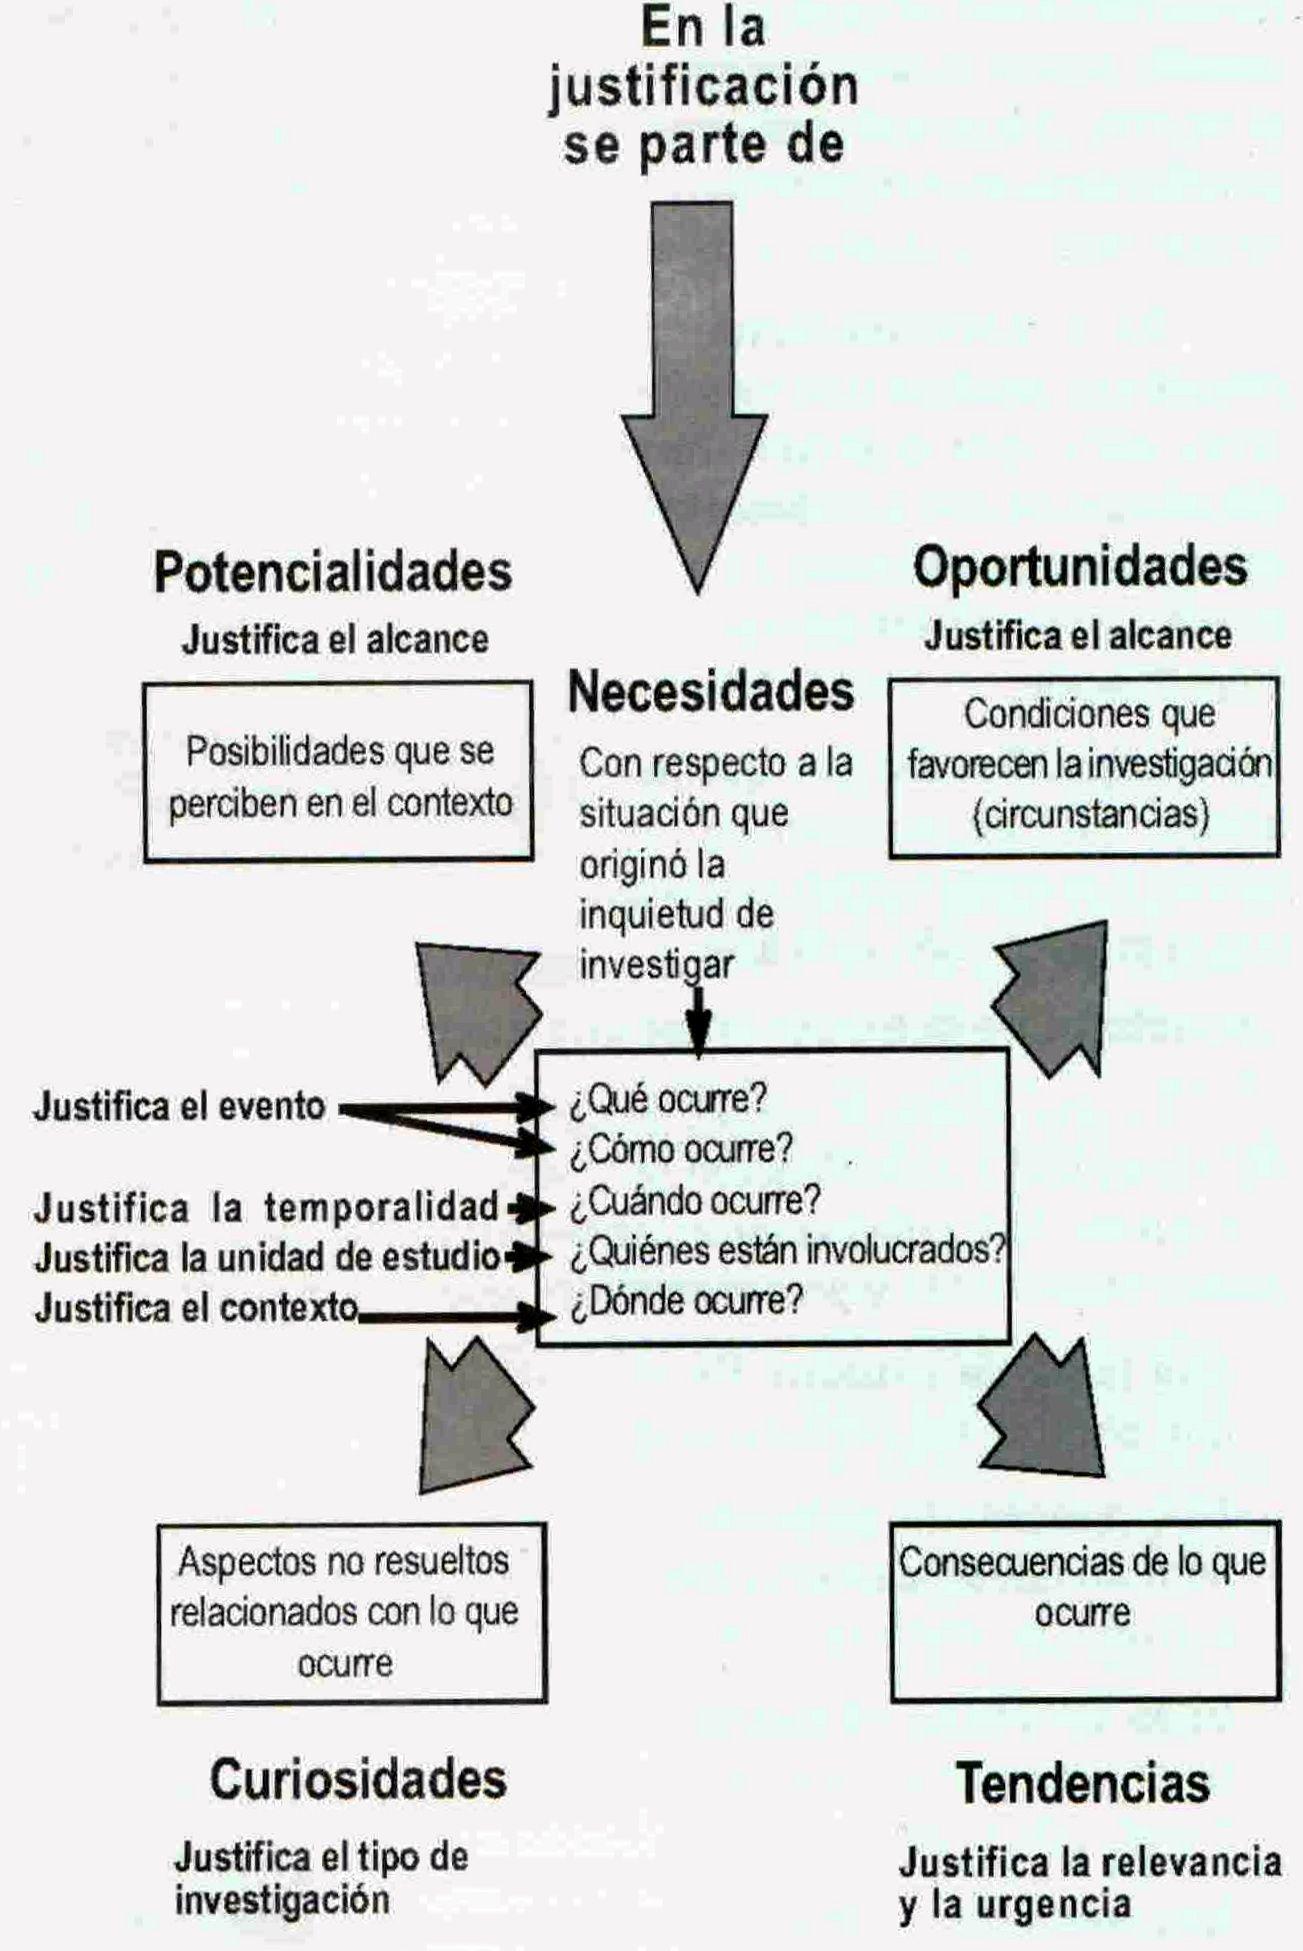 justificacion1 Proyectos de investigación, Tipos de